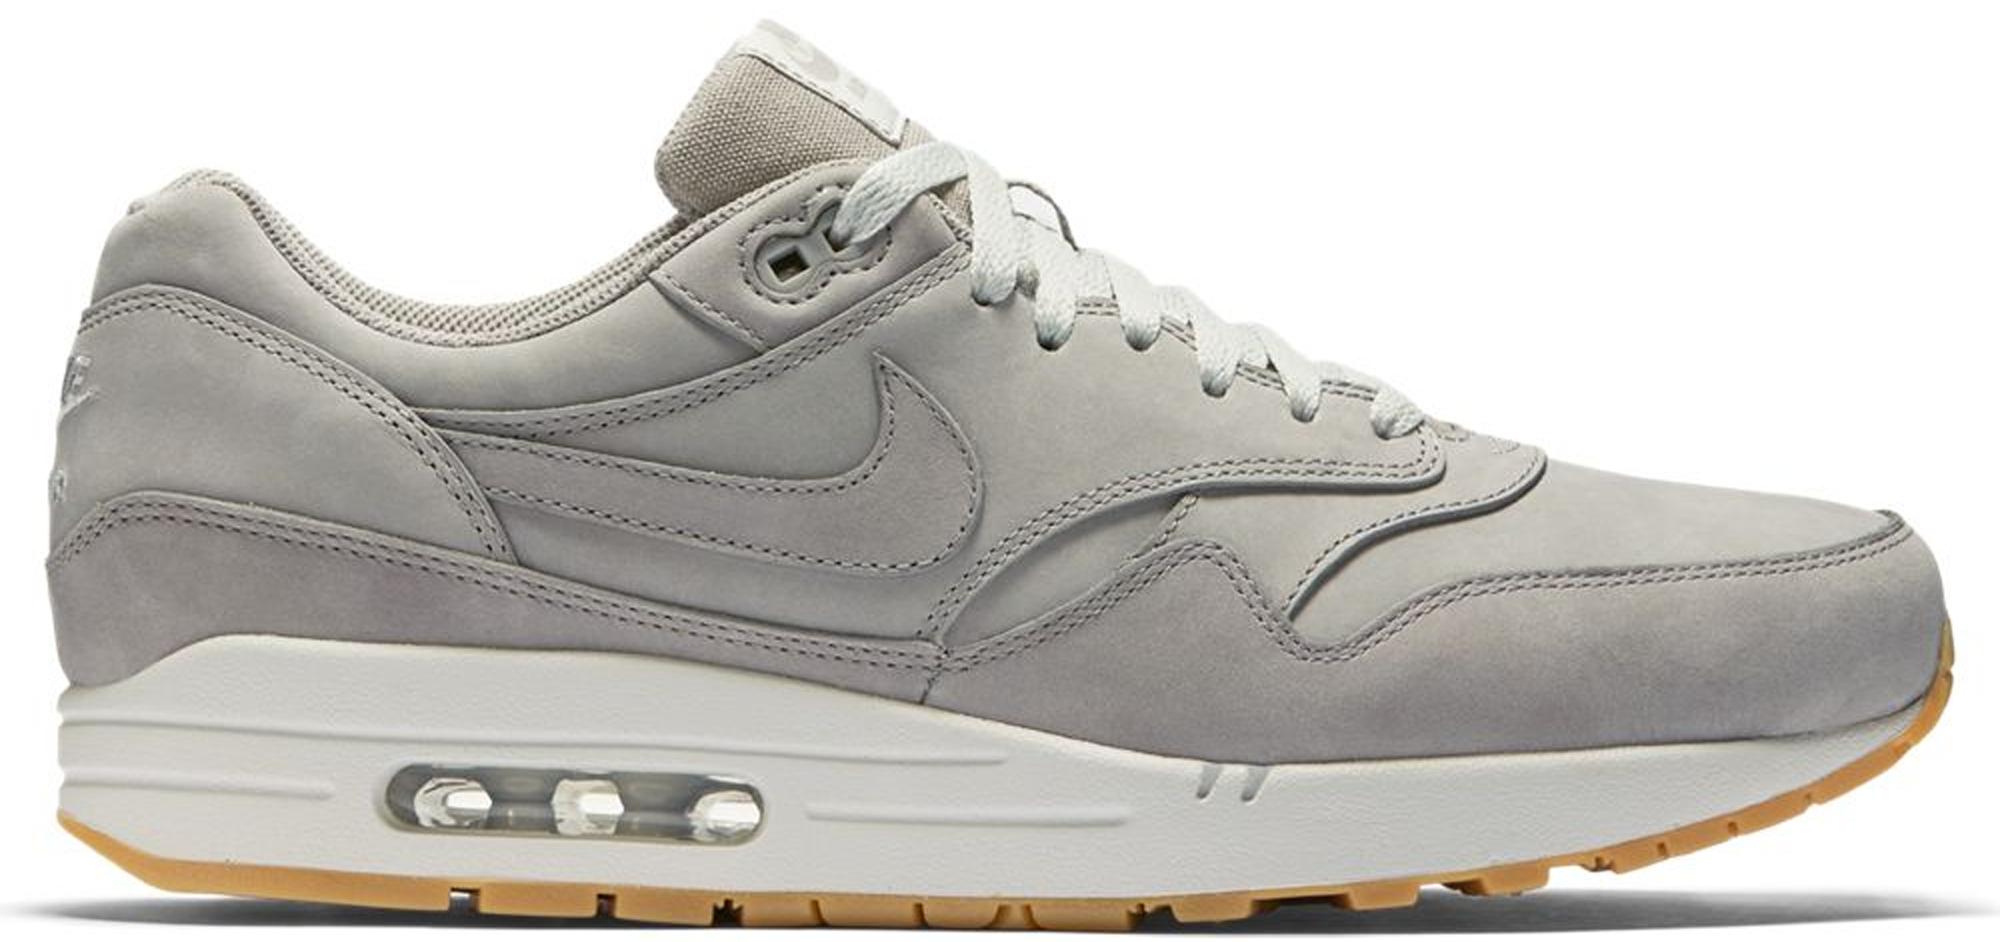 Nike Air Max 1 Grey Gum - 705282-005